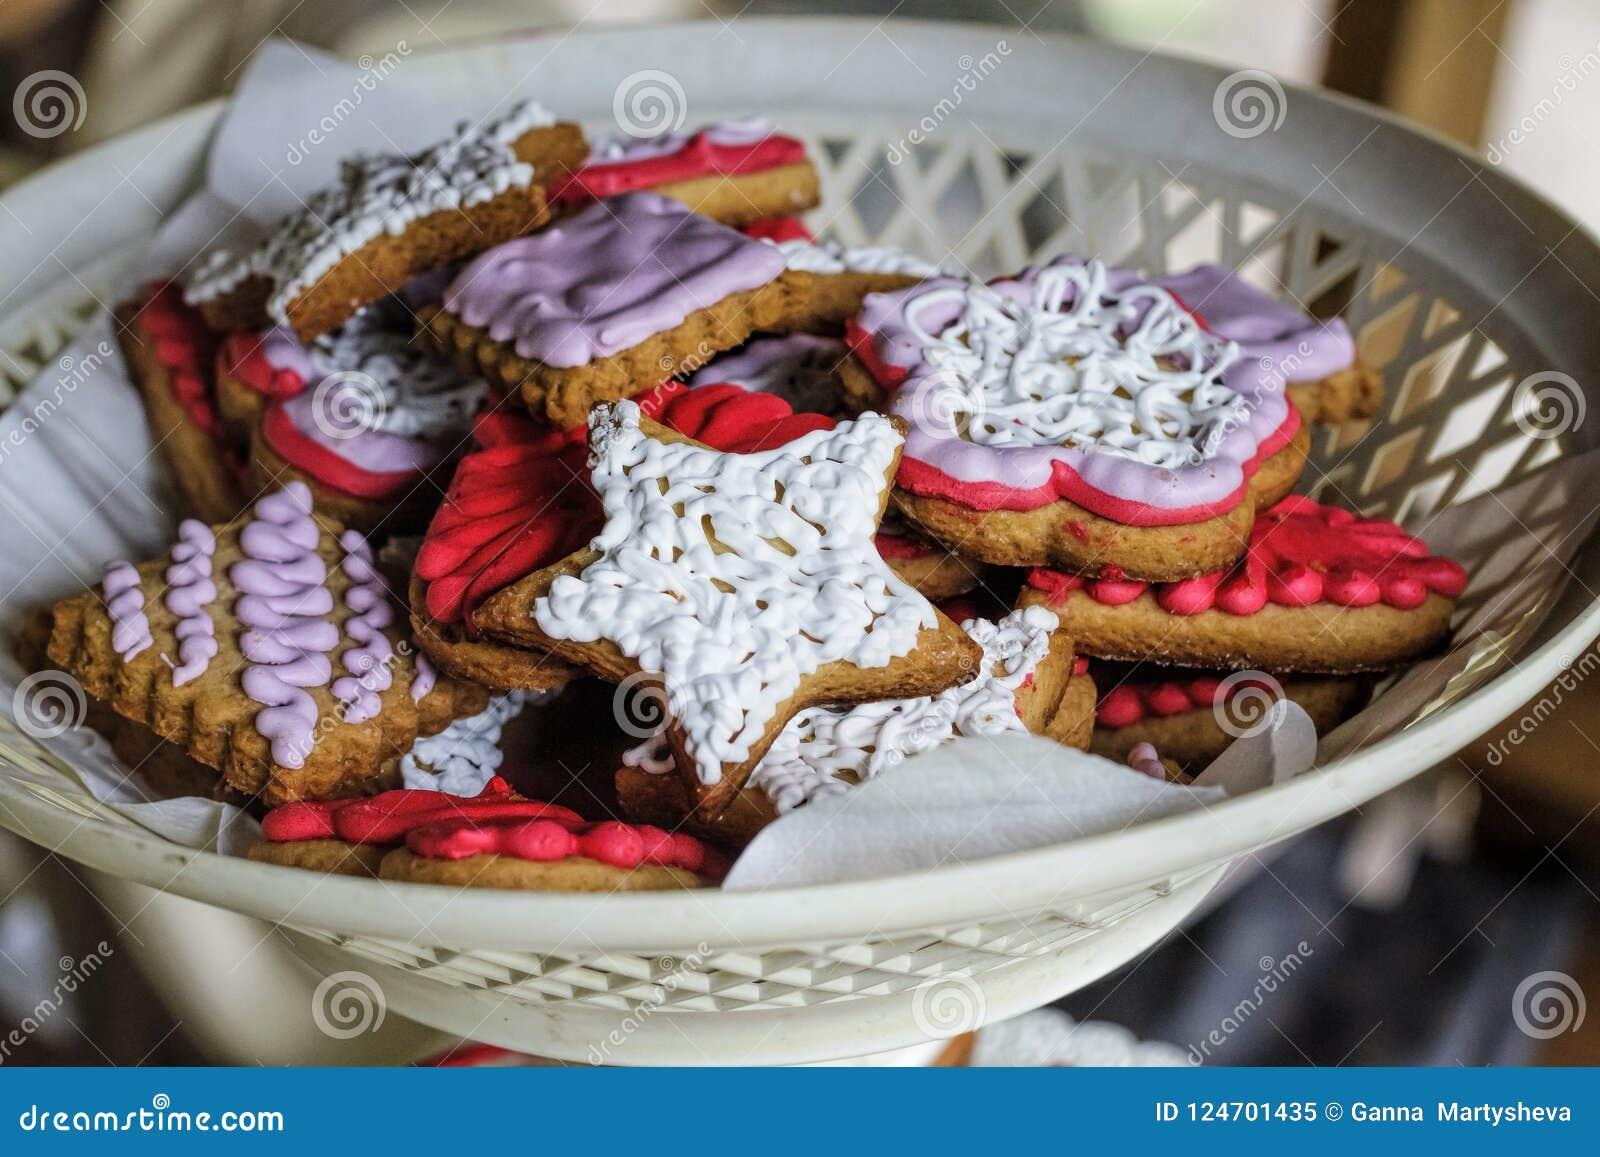 Natale Dolci o cottura di Natale con i simboli americani Festa  dell\u0027indipendenza degli Stati Uniti, festa del lavoro U.S.A.